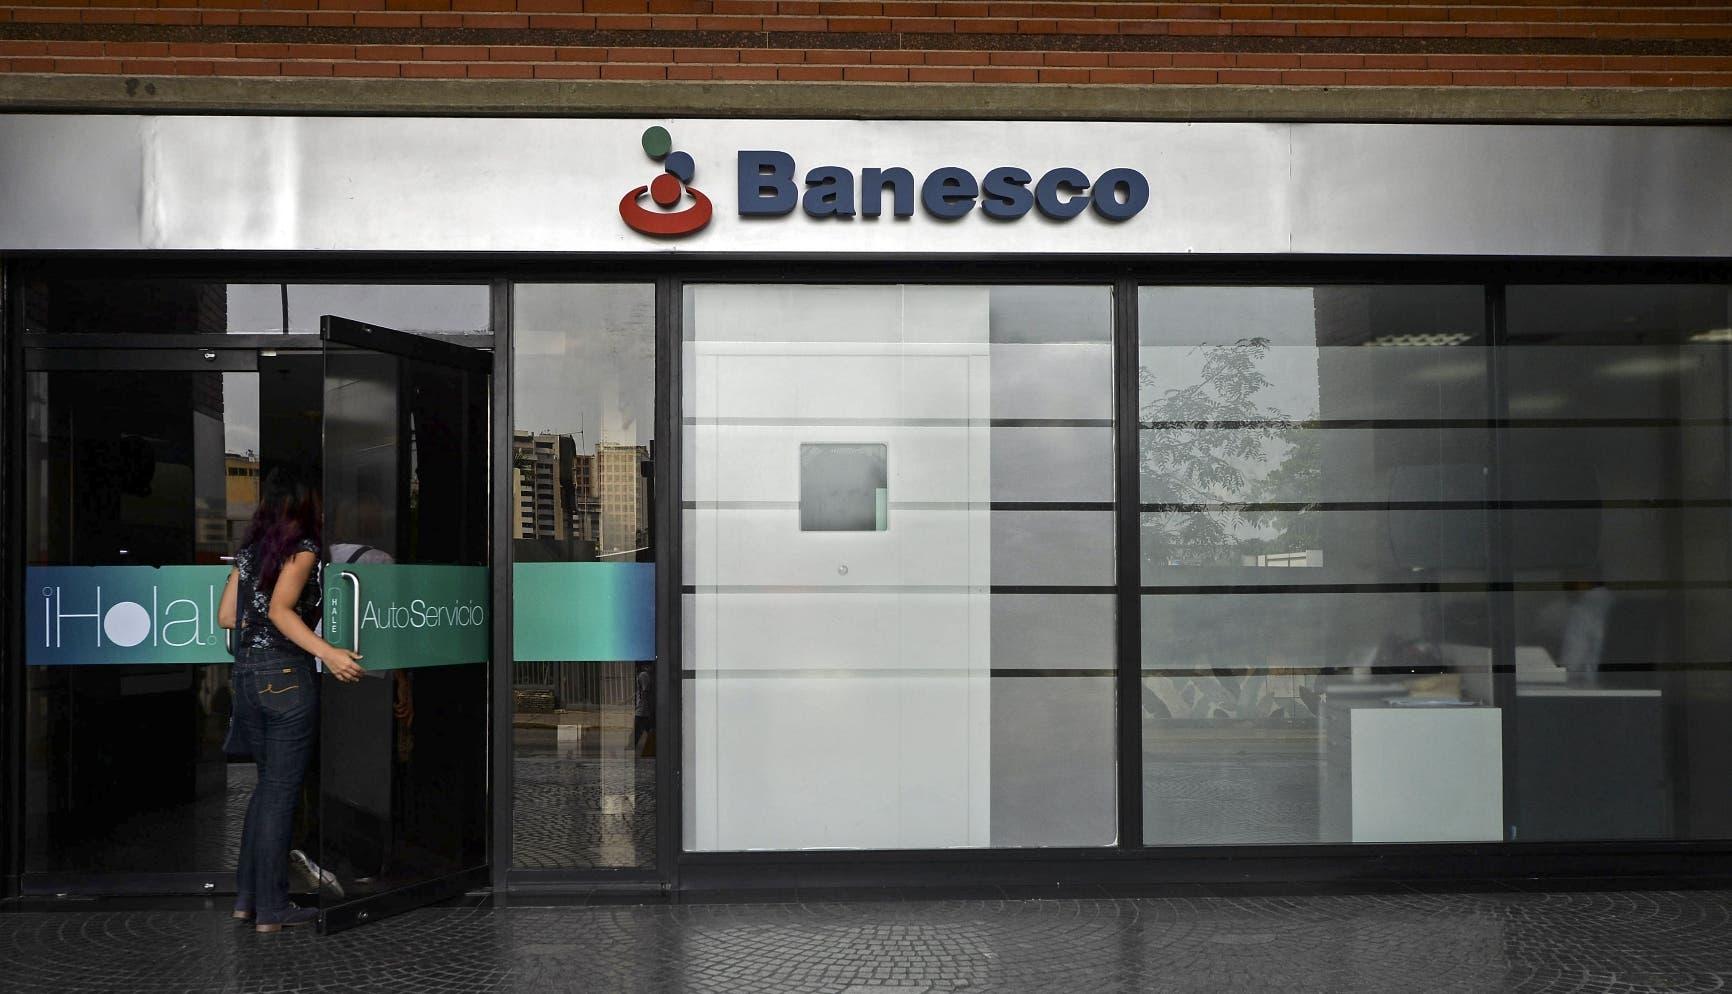 VENEZUELA-ECONOMY-BANESCO